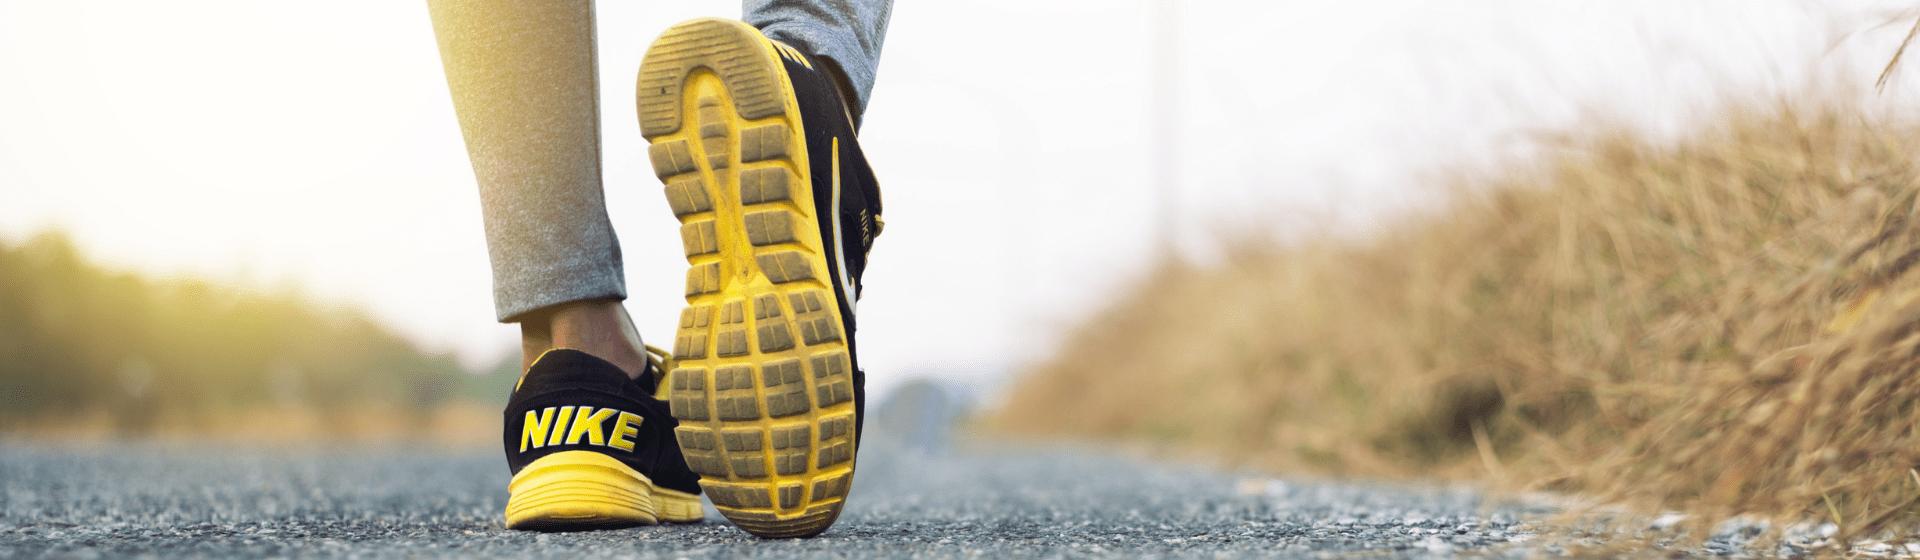 Tênis Nike para corrida: 7 modelos para comprar em 2021